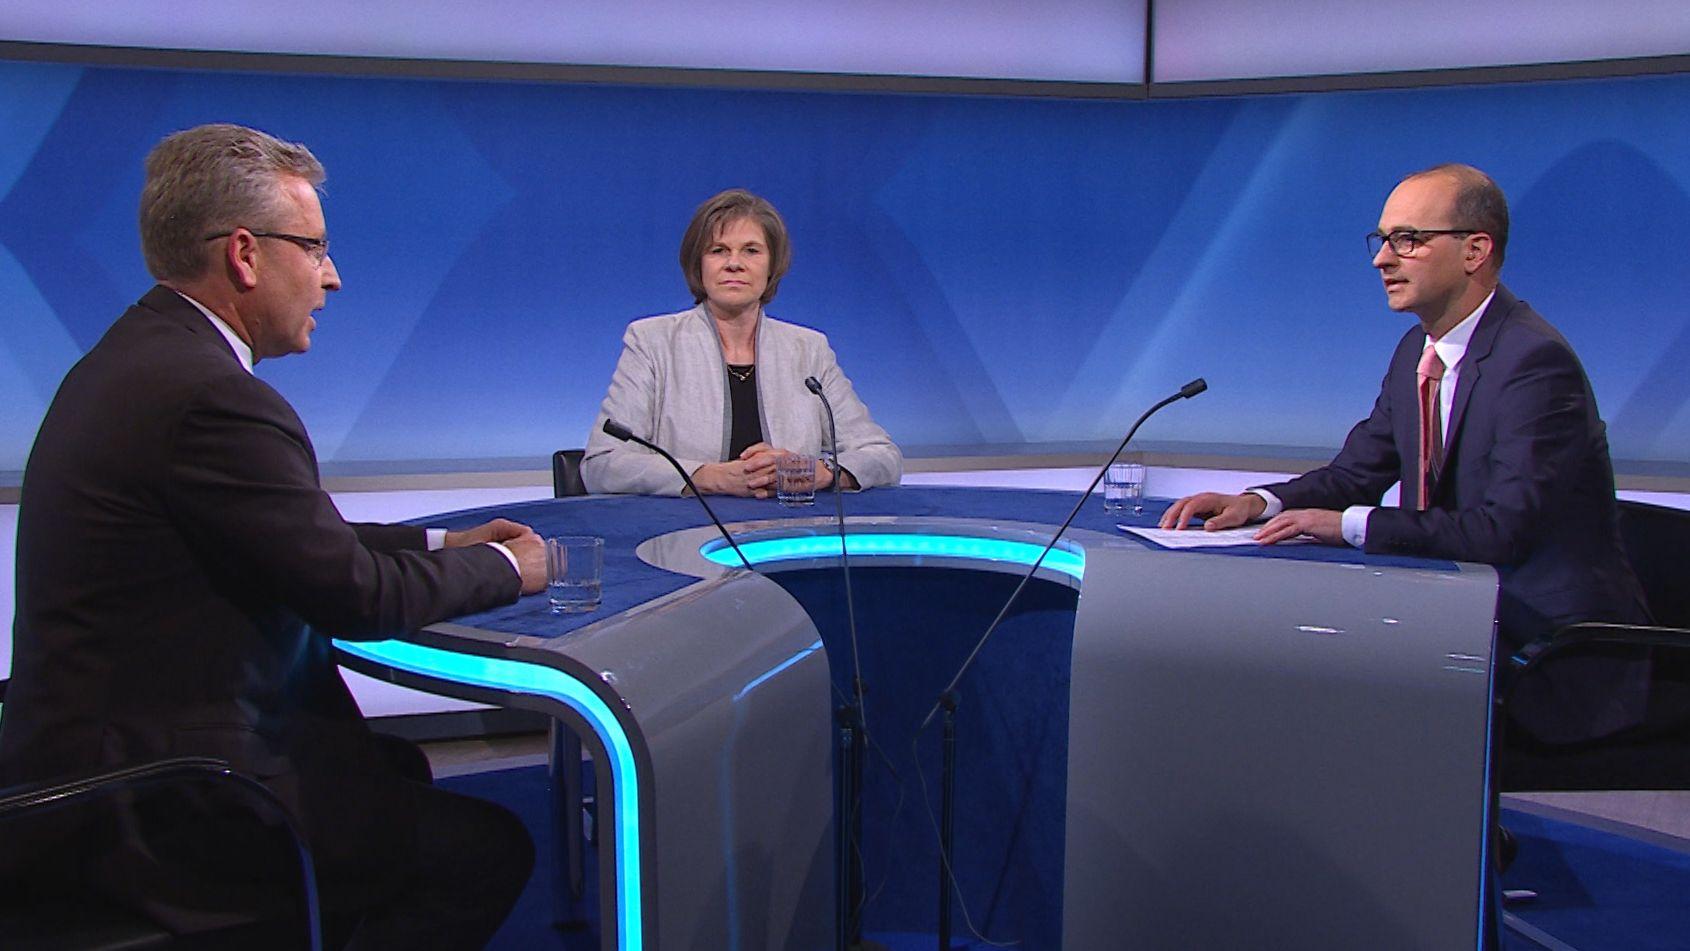 Die Virologen Oliver T. Keppler (links) und Ulrike Protzer (Mitte) im Gespräch mit BR-Chefredakteur Christian Nitsche.